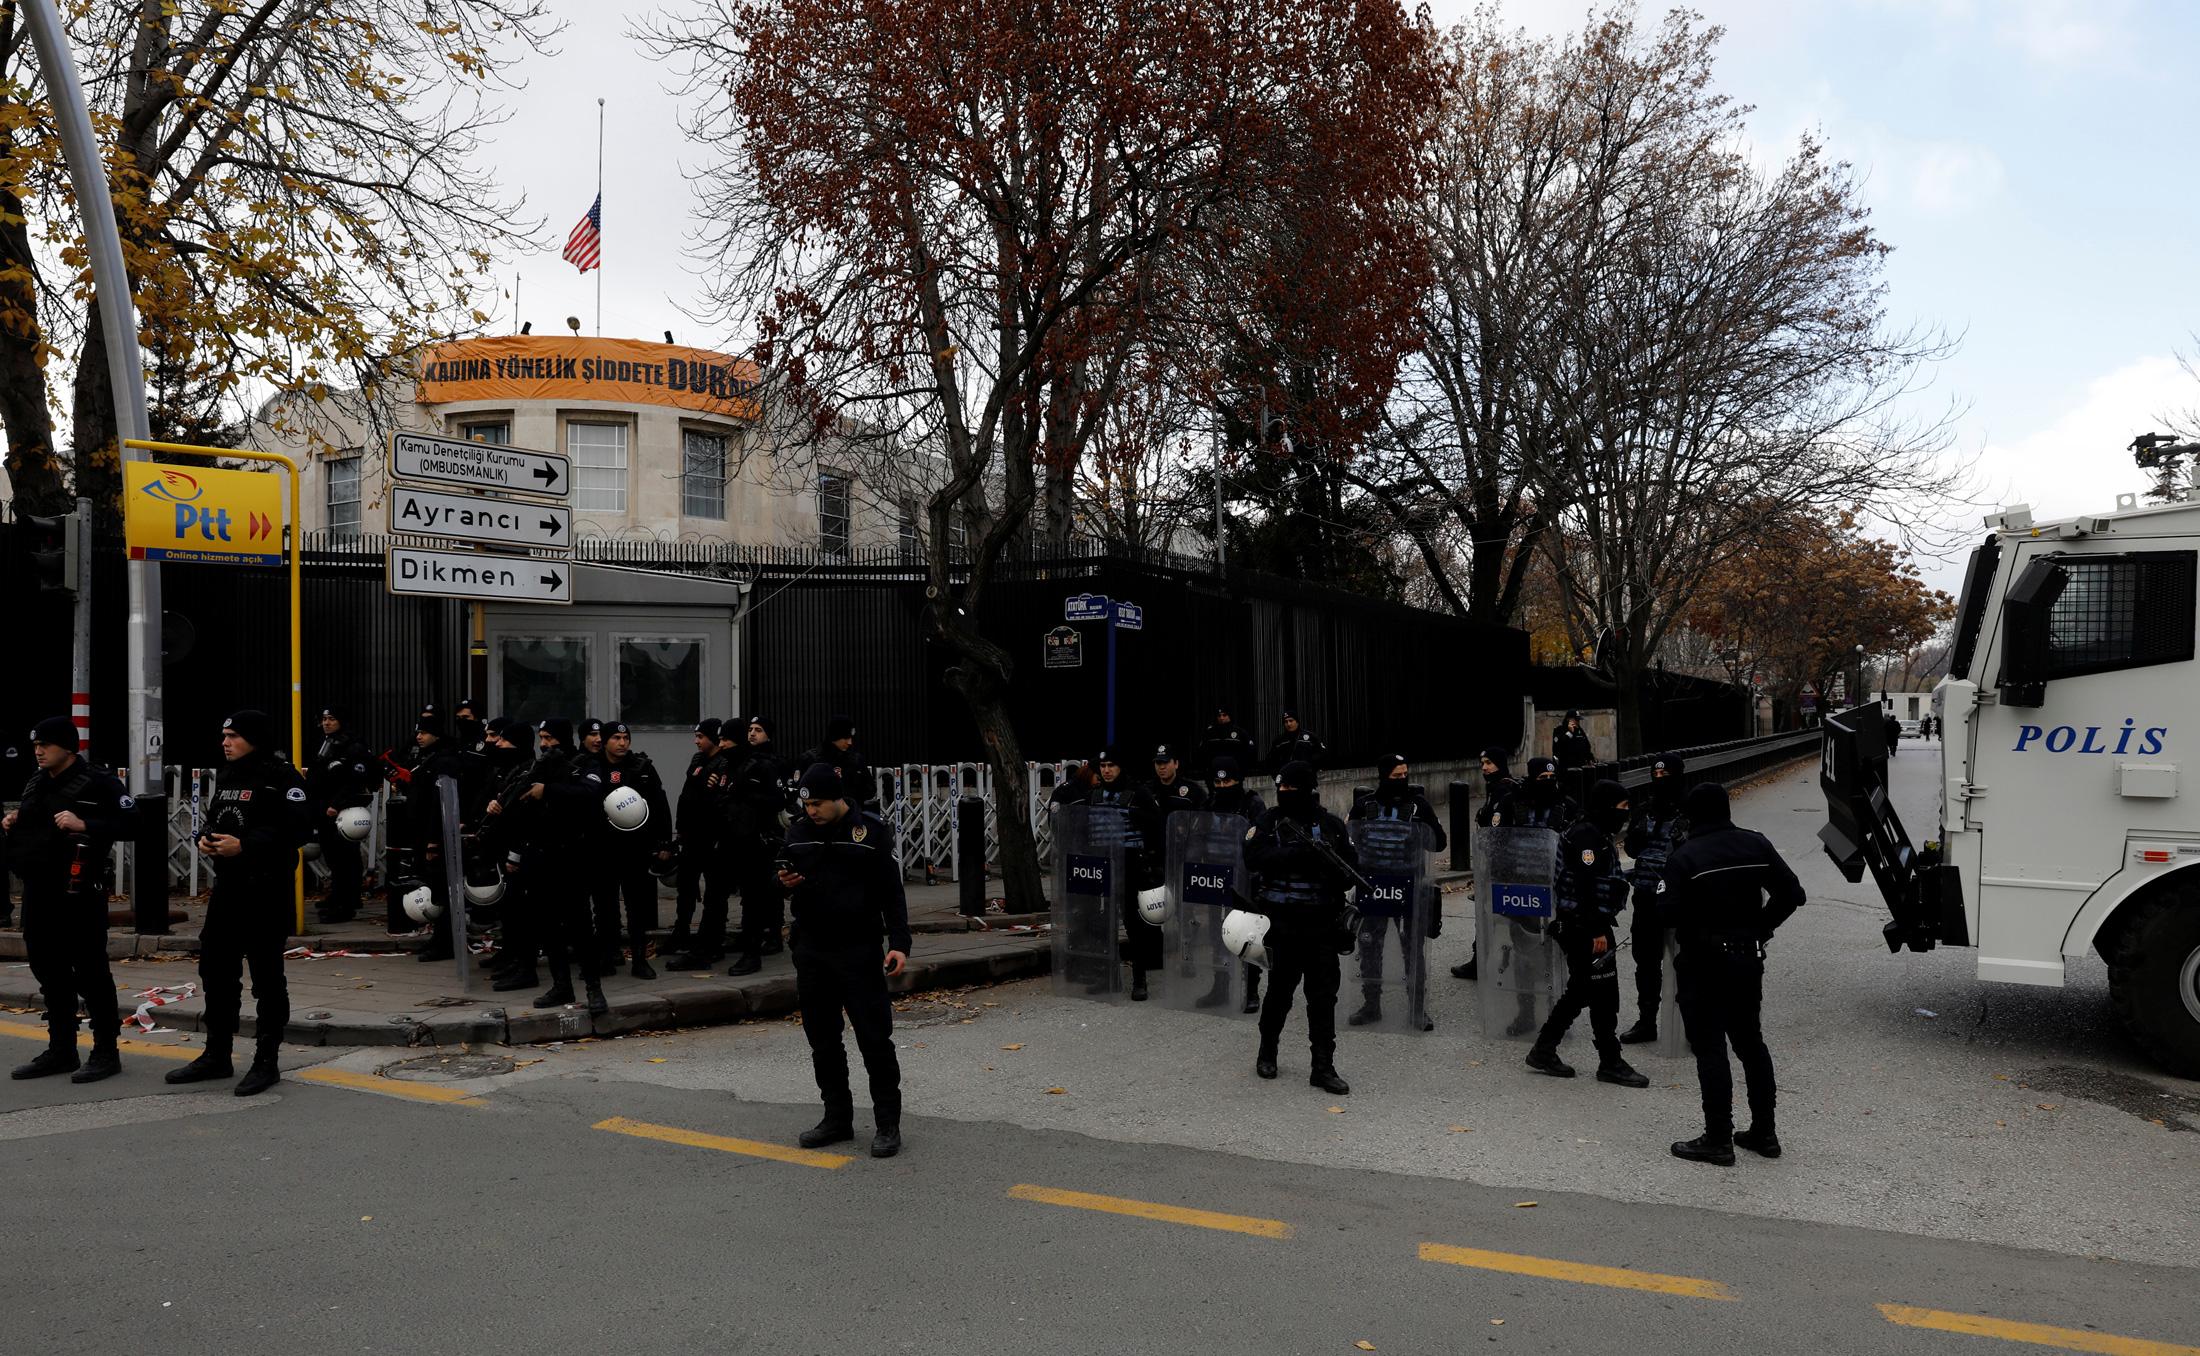 Ilustracija: Američka ambasada u Ankari